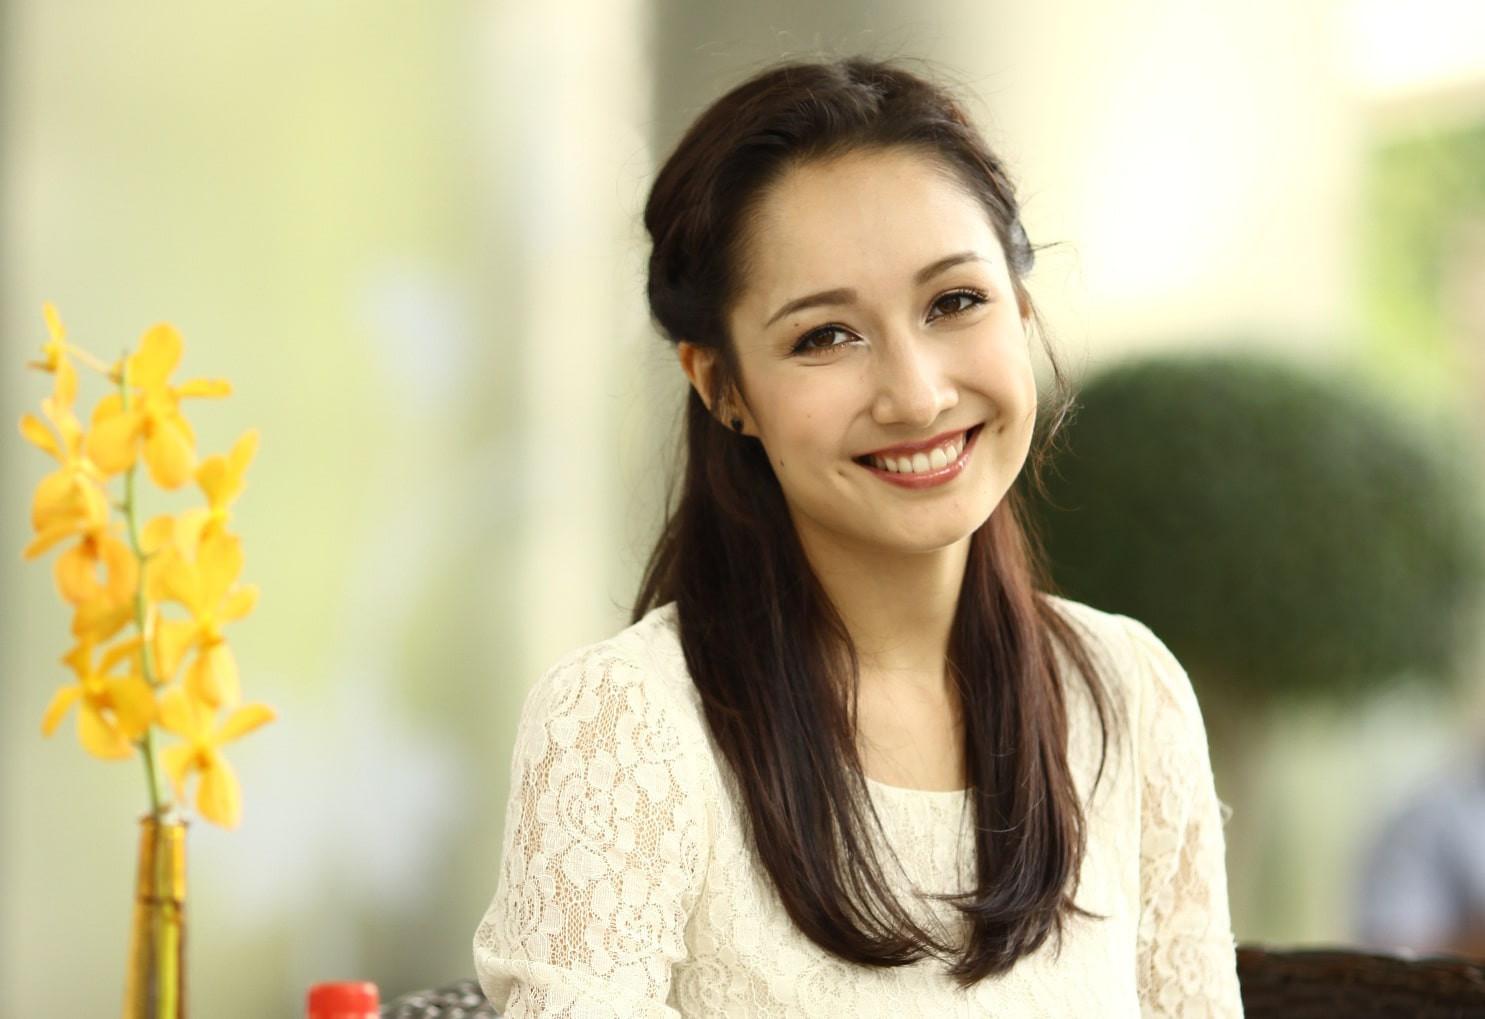 """Mỹ nhân Việt là con lai: Hà Hồ, Hari Won quá đẹp nhưng không """"lạ"""" bằng người thứ 3, thần thái xuất sắc"""